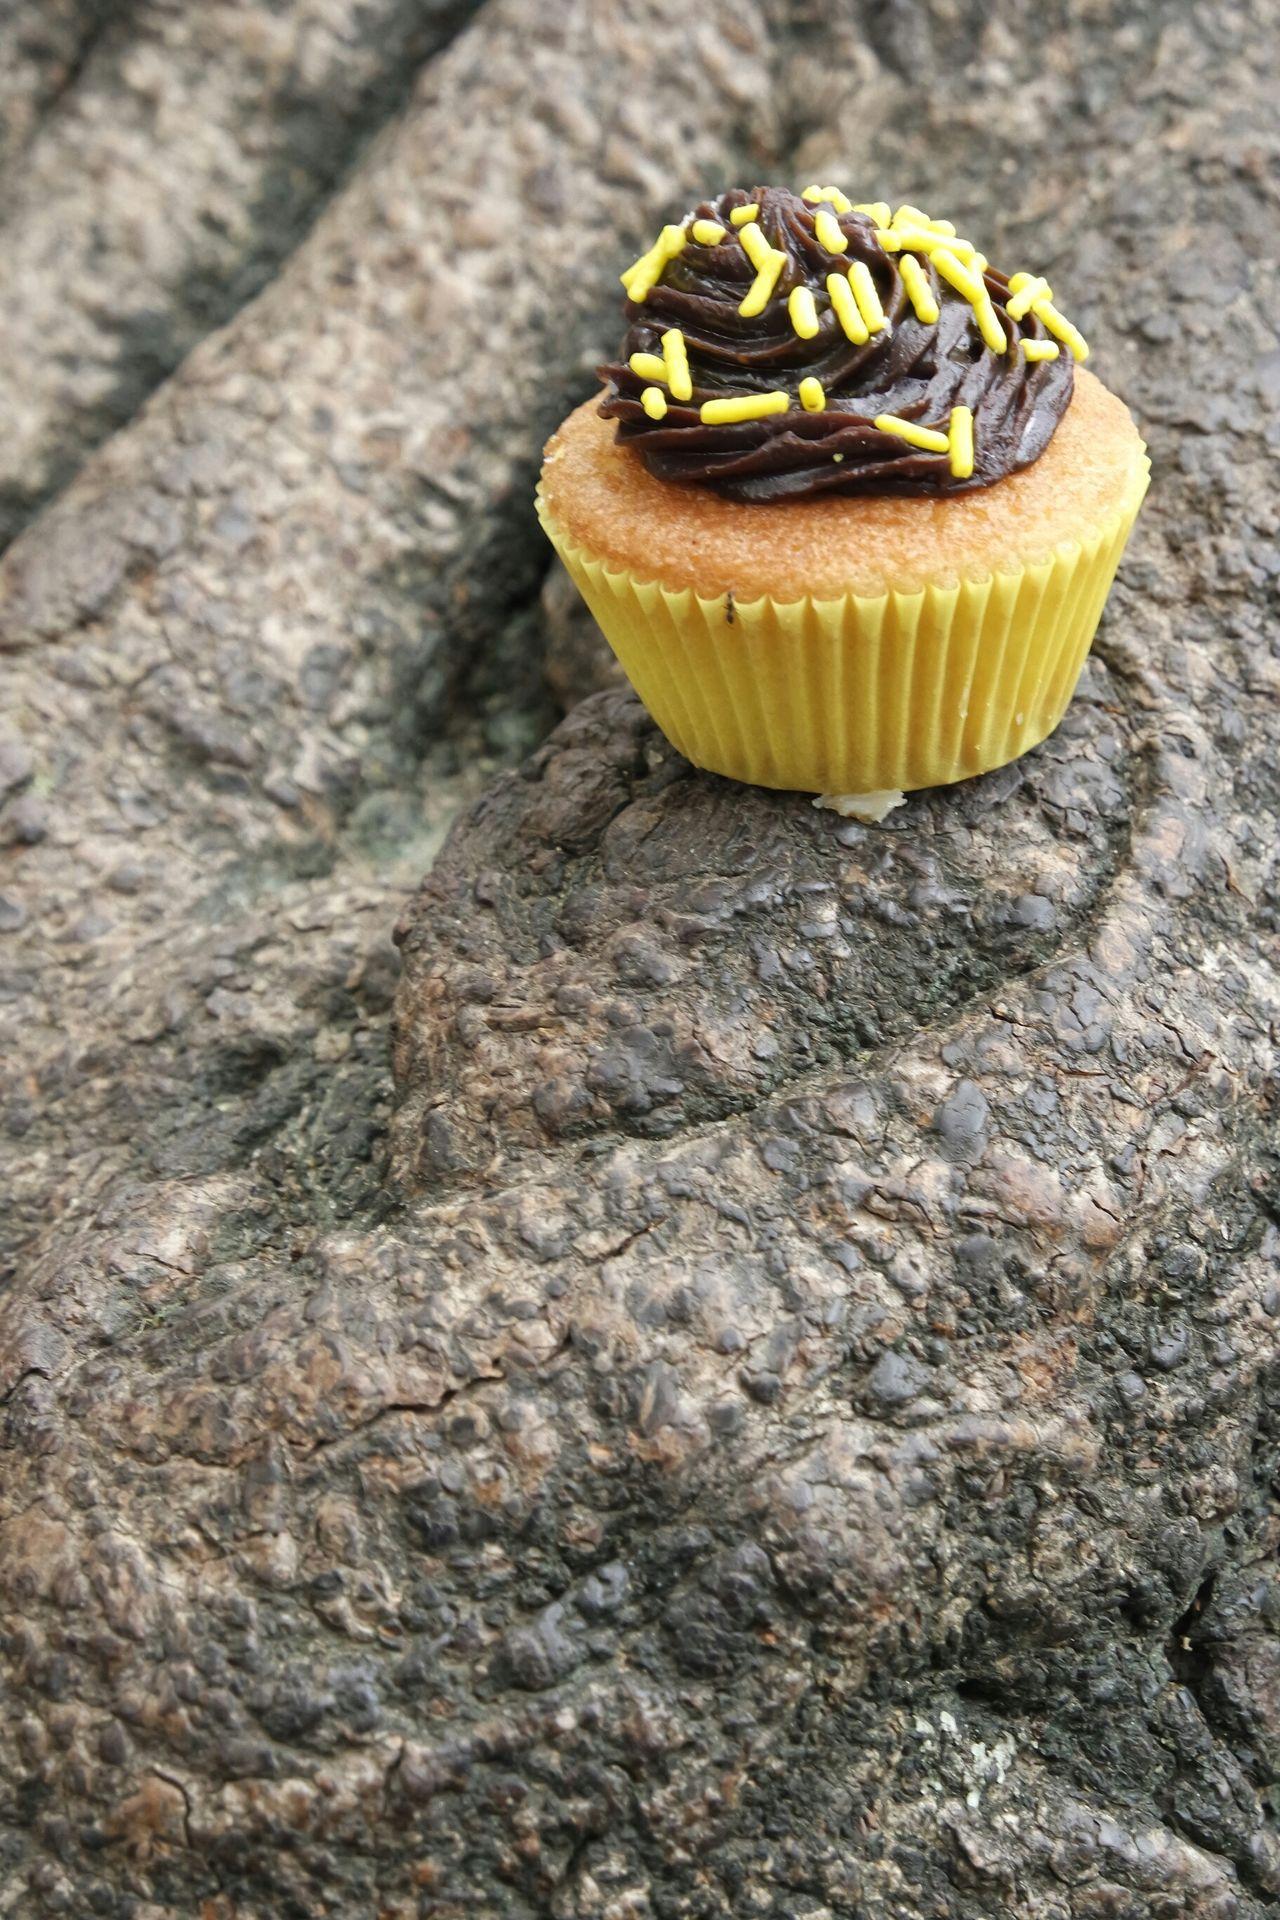 Beautiful stock photos of cupcake, Branch, Brazil, Close-Up, Cup Cake